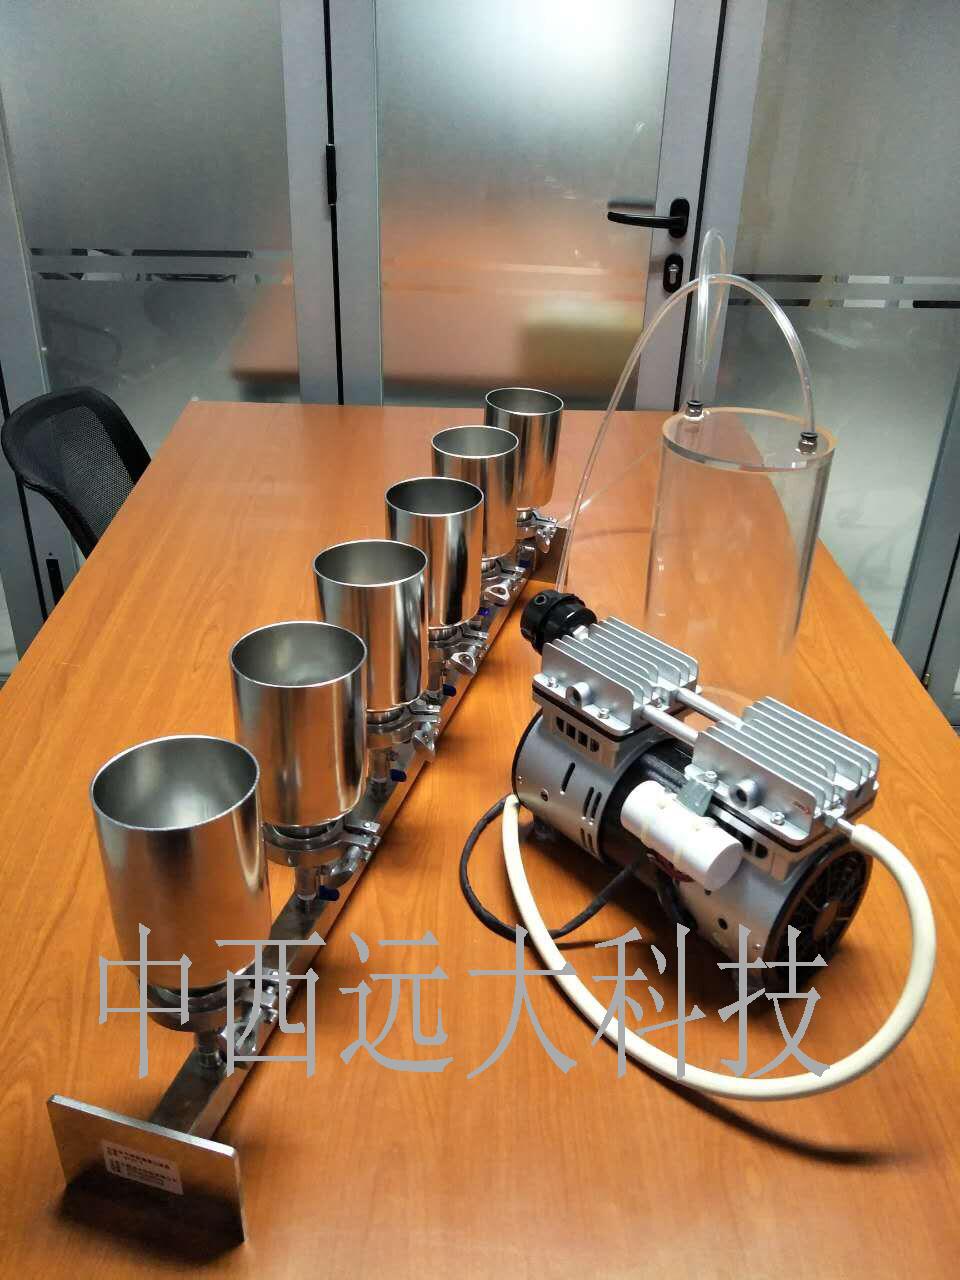 六联全不锈钢溶液过滤器/实验室过滤器/薄膜过滤器/不锈钢过滤器(普通型,带M402358泵和集液瓶)(中西器材)BGL-6